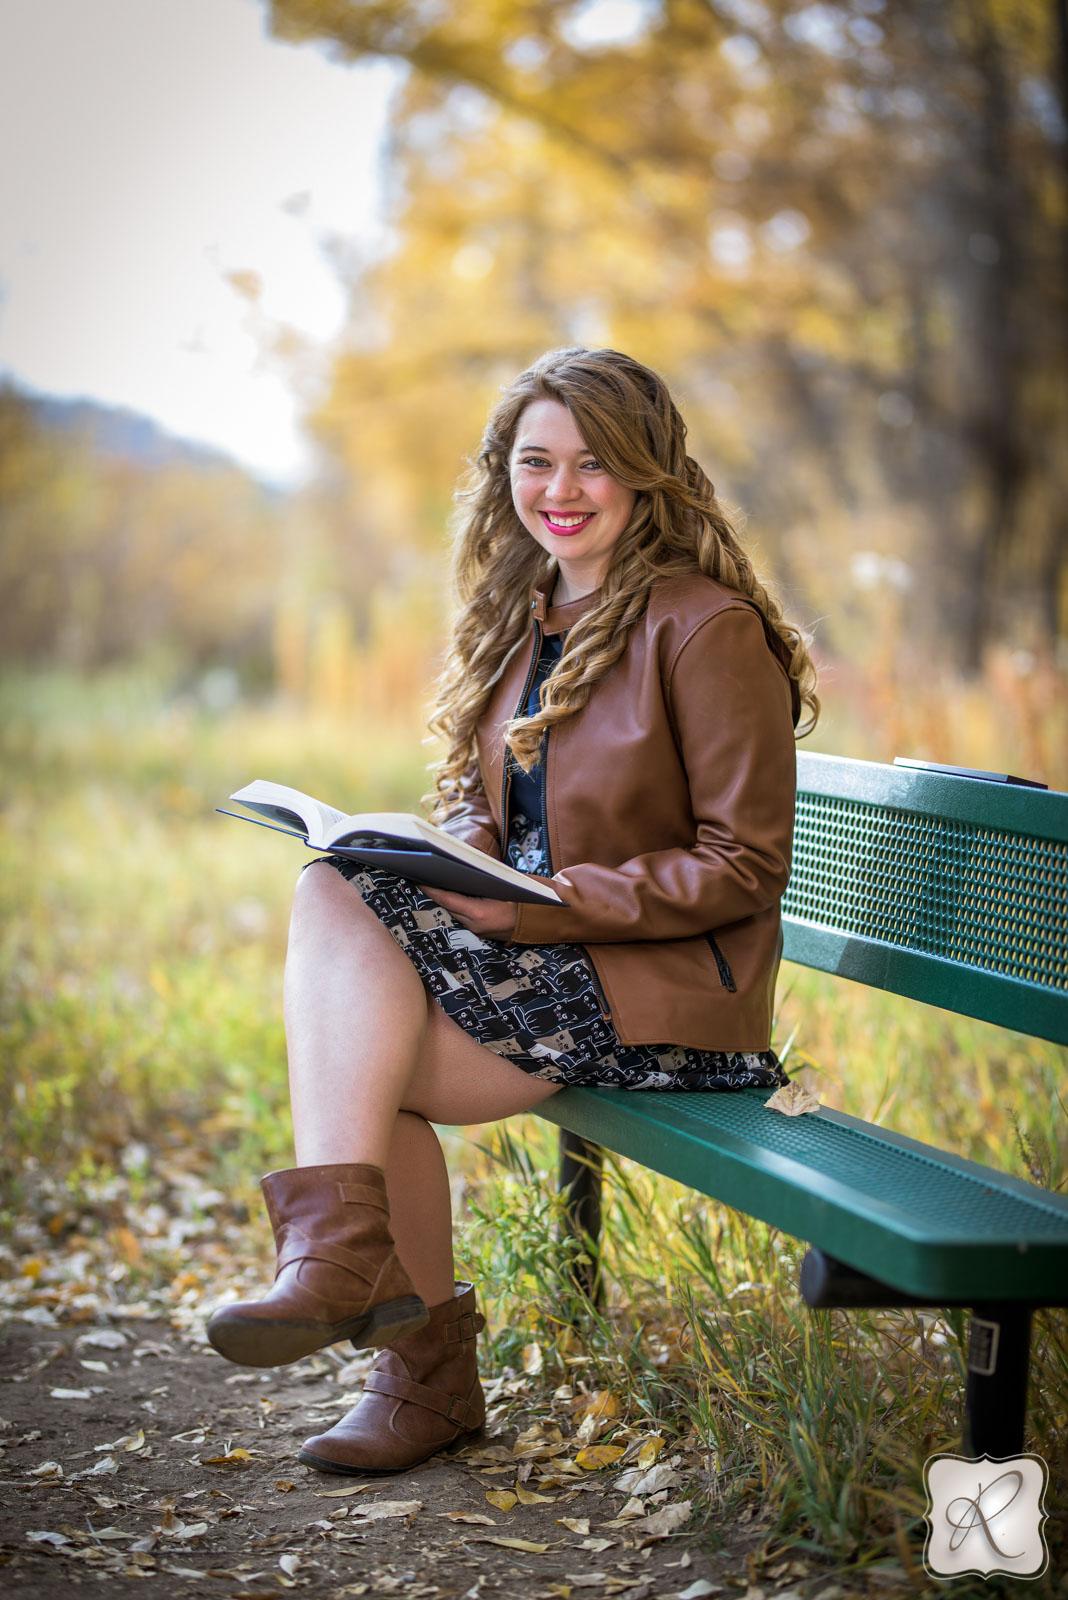 unique senior pictures by Allison Ragsdale Photography